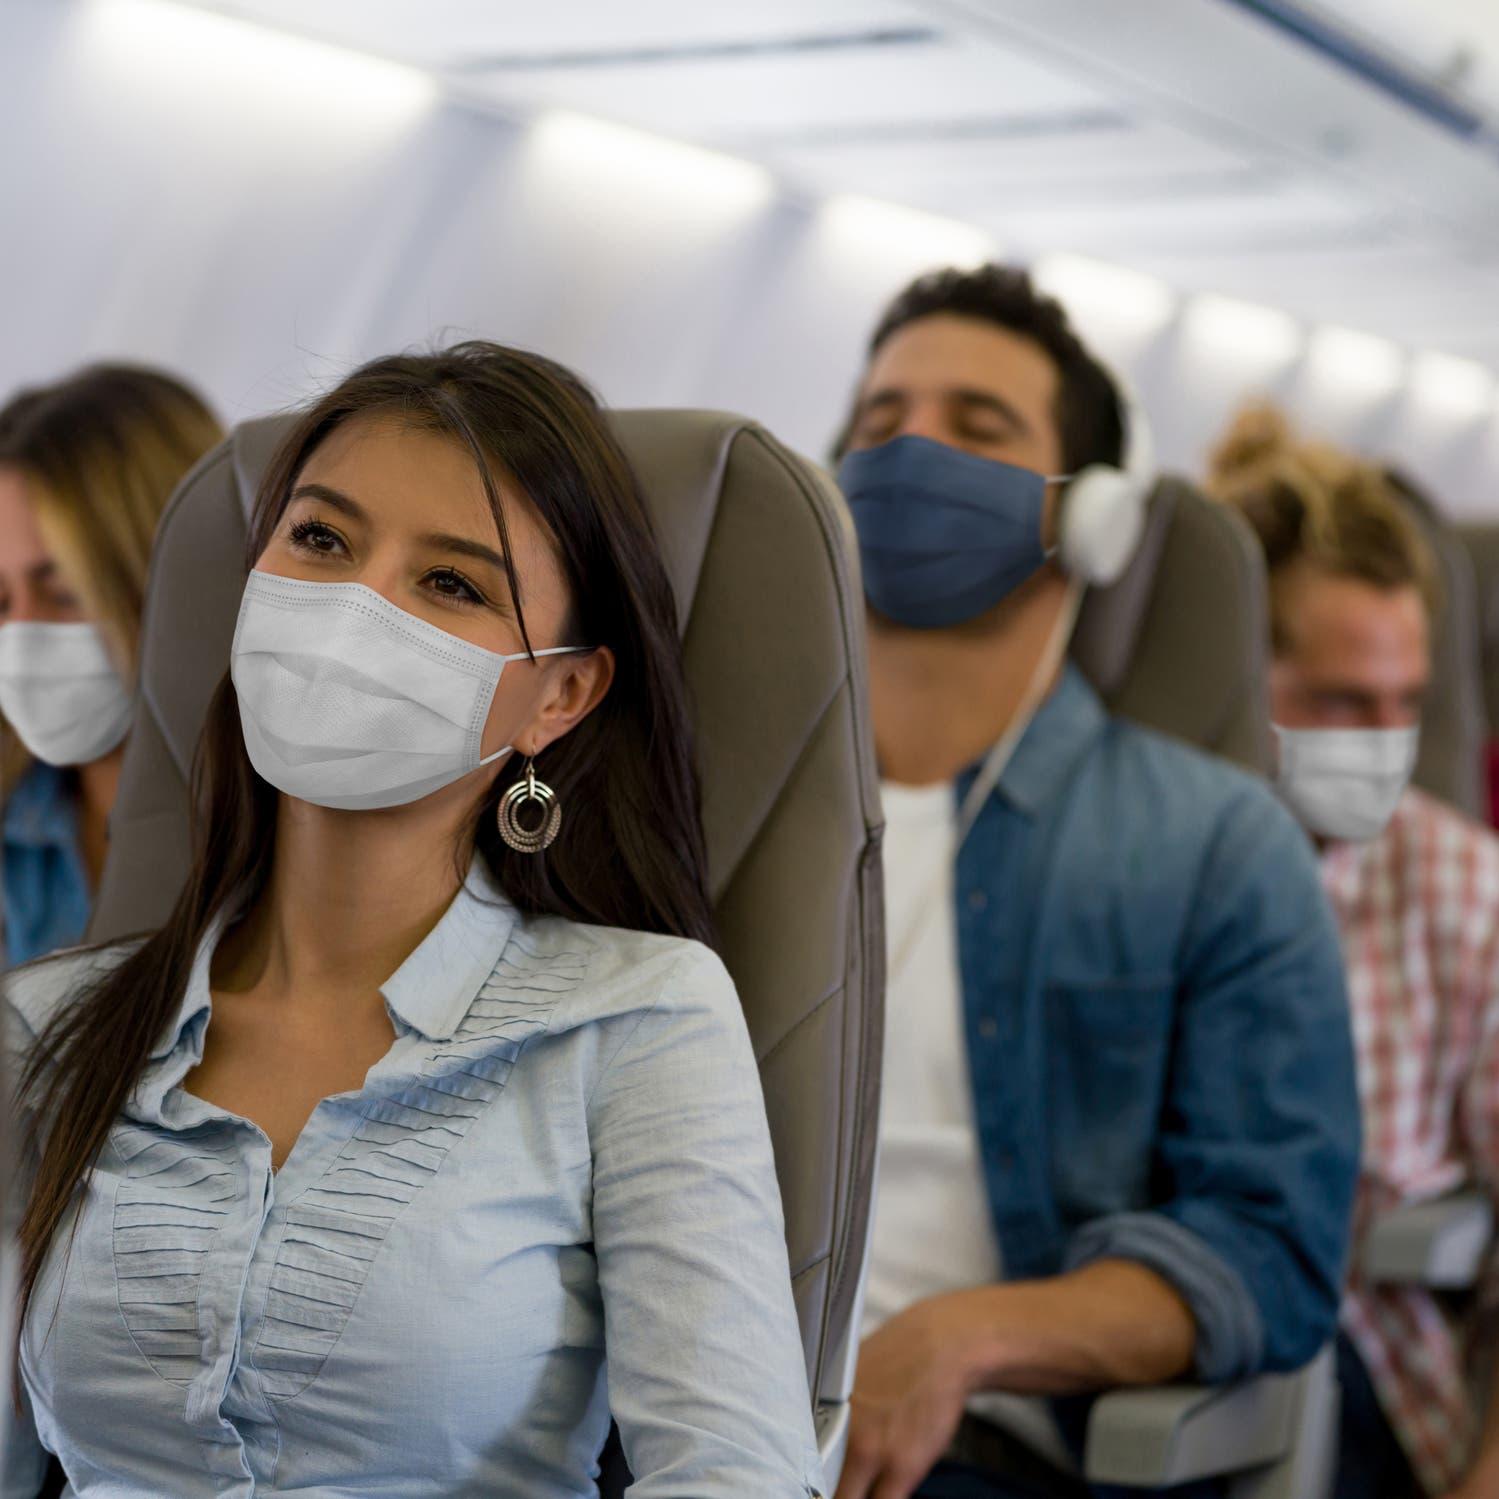 هل اشتقت للرحلات؟.. حل ناجع لسفر آمن بزمن كورونا